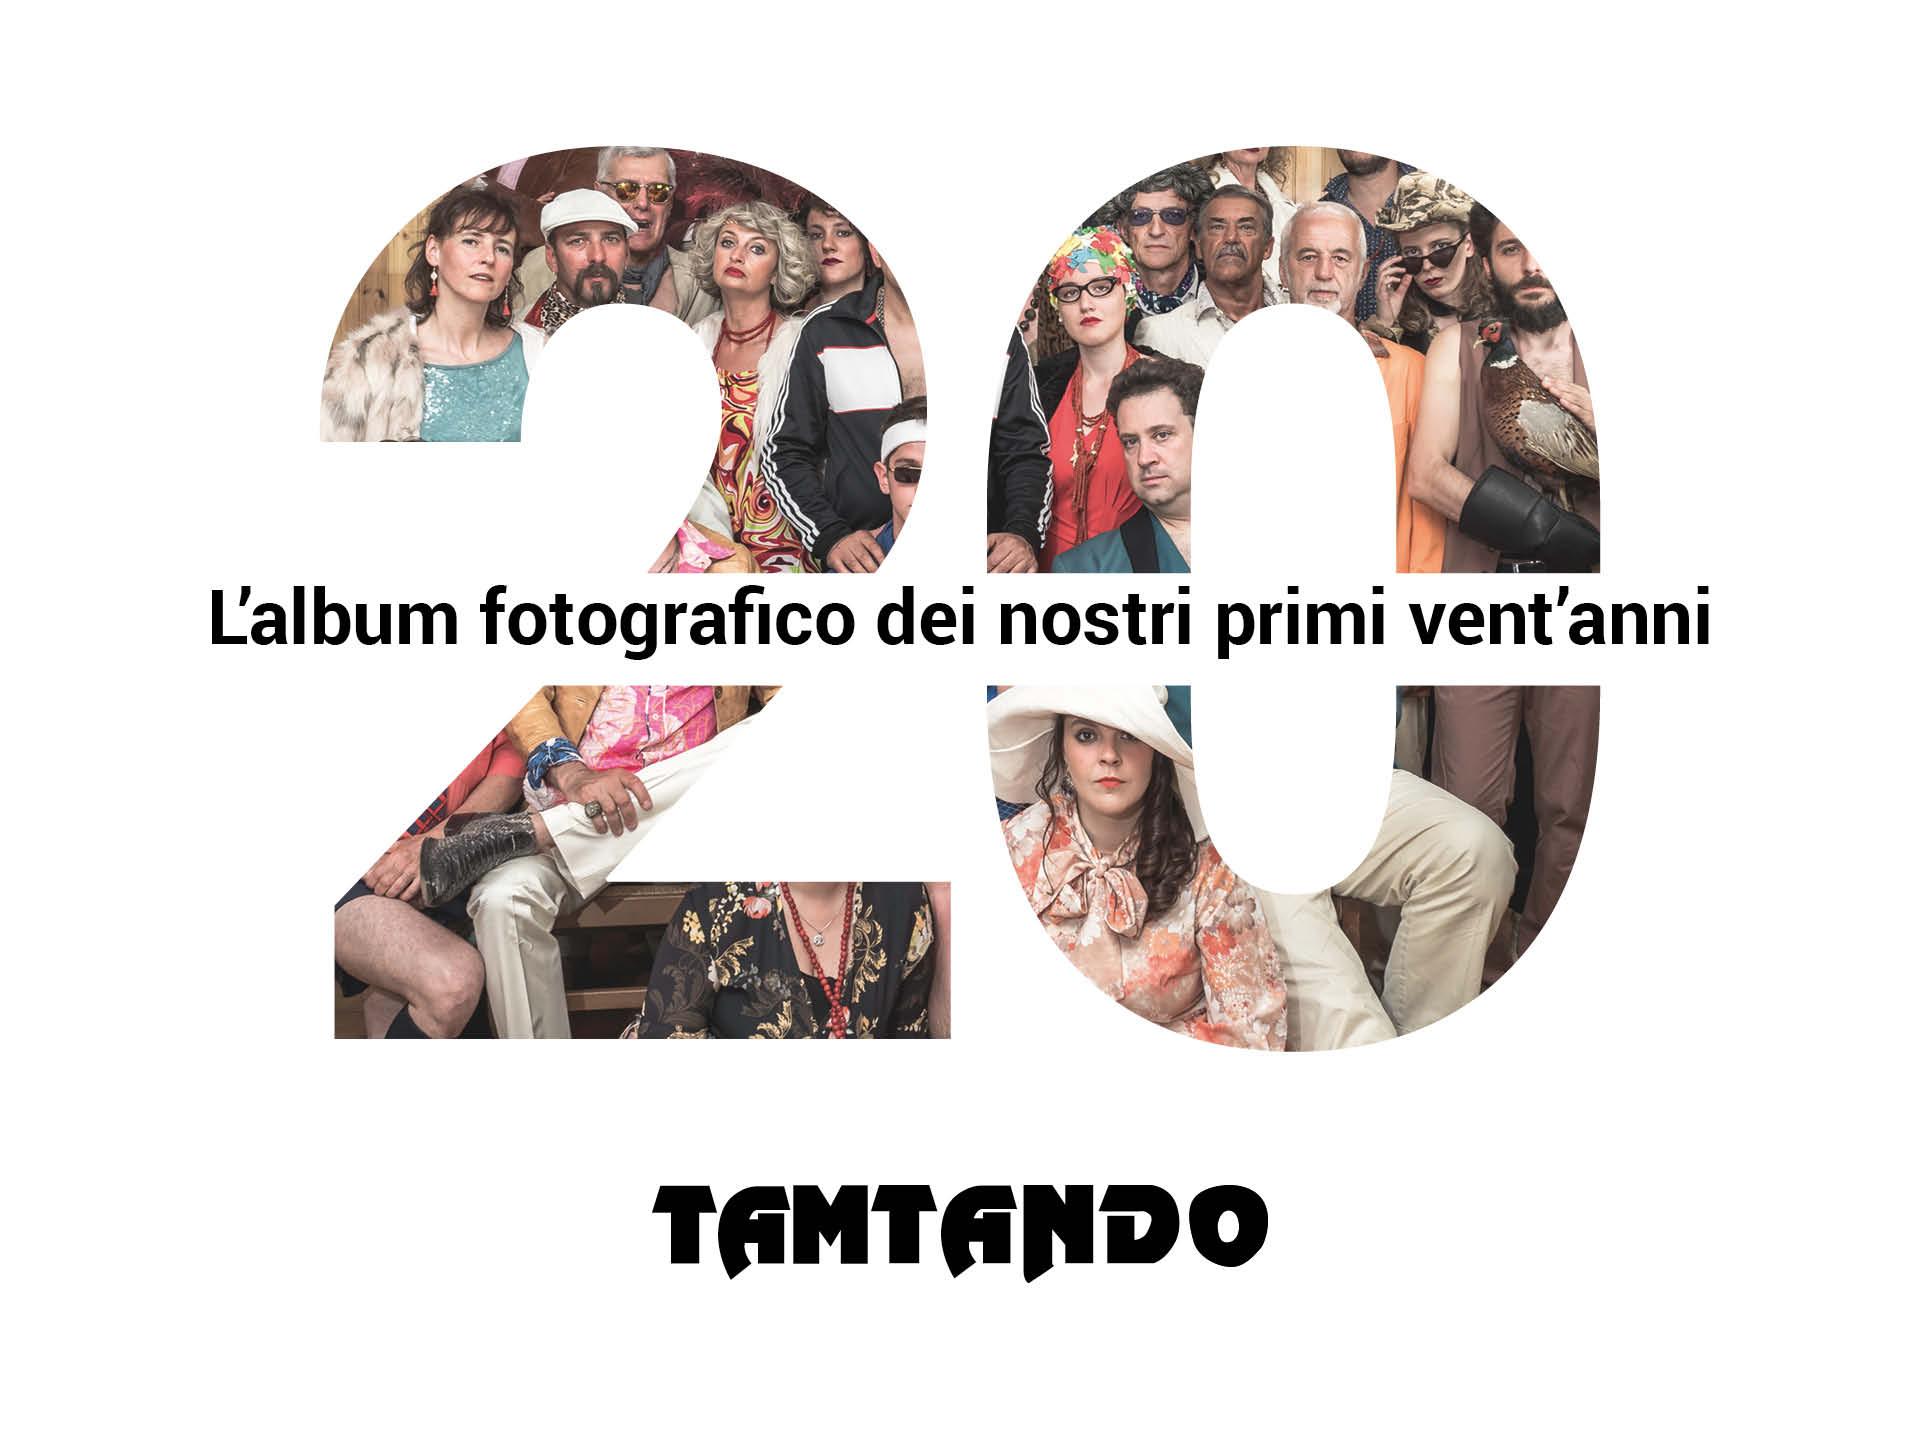 TAMTANDO_XXBOOK_1